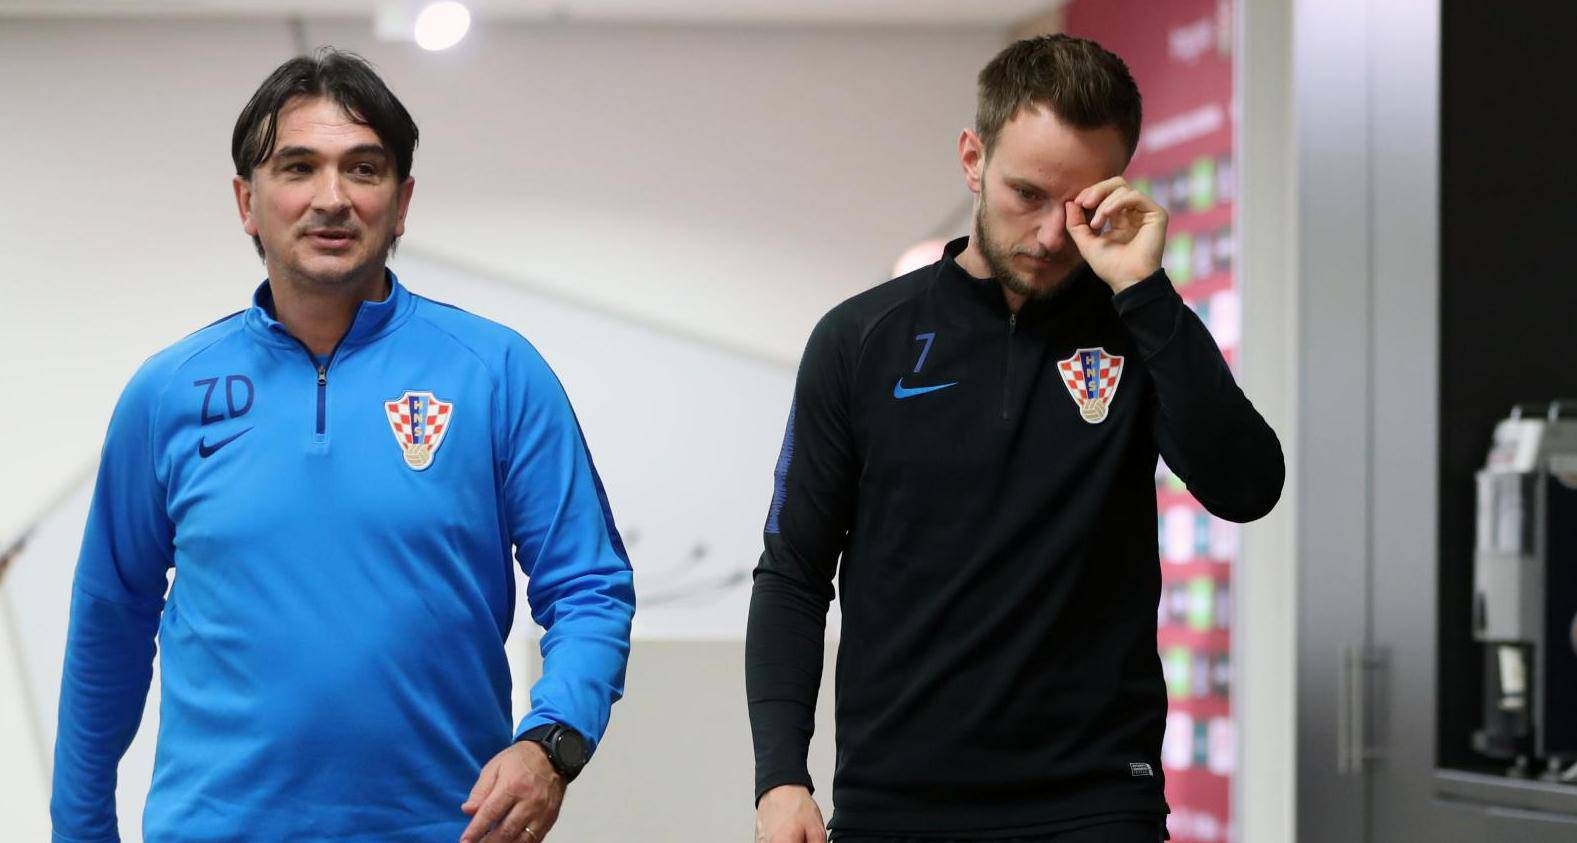 Budimpešta: Konferencija za medije Dalića i Rakitića uoči utakmice s Mađarskom